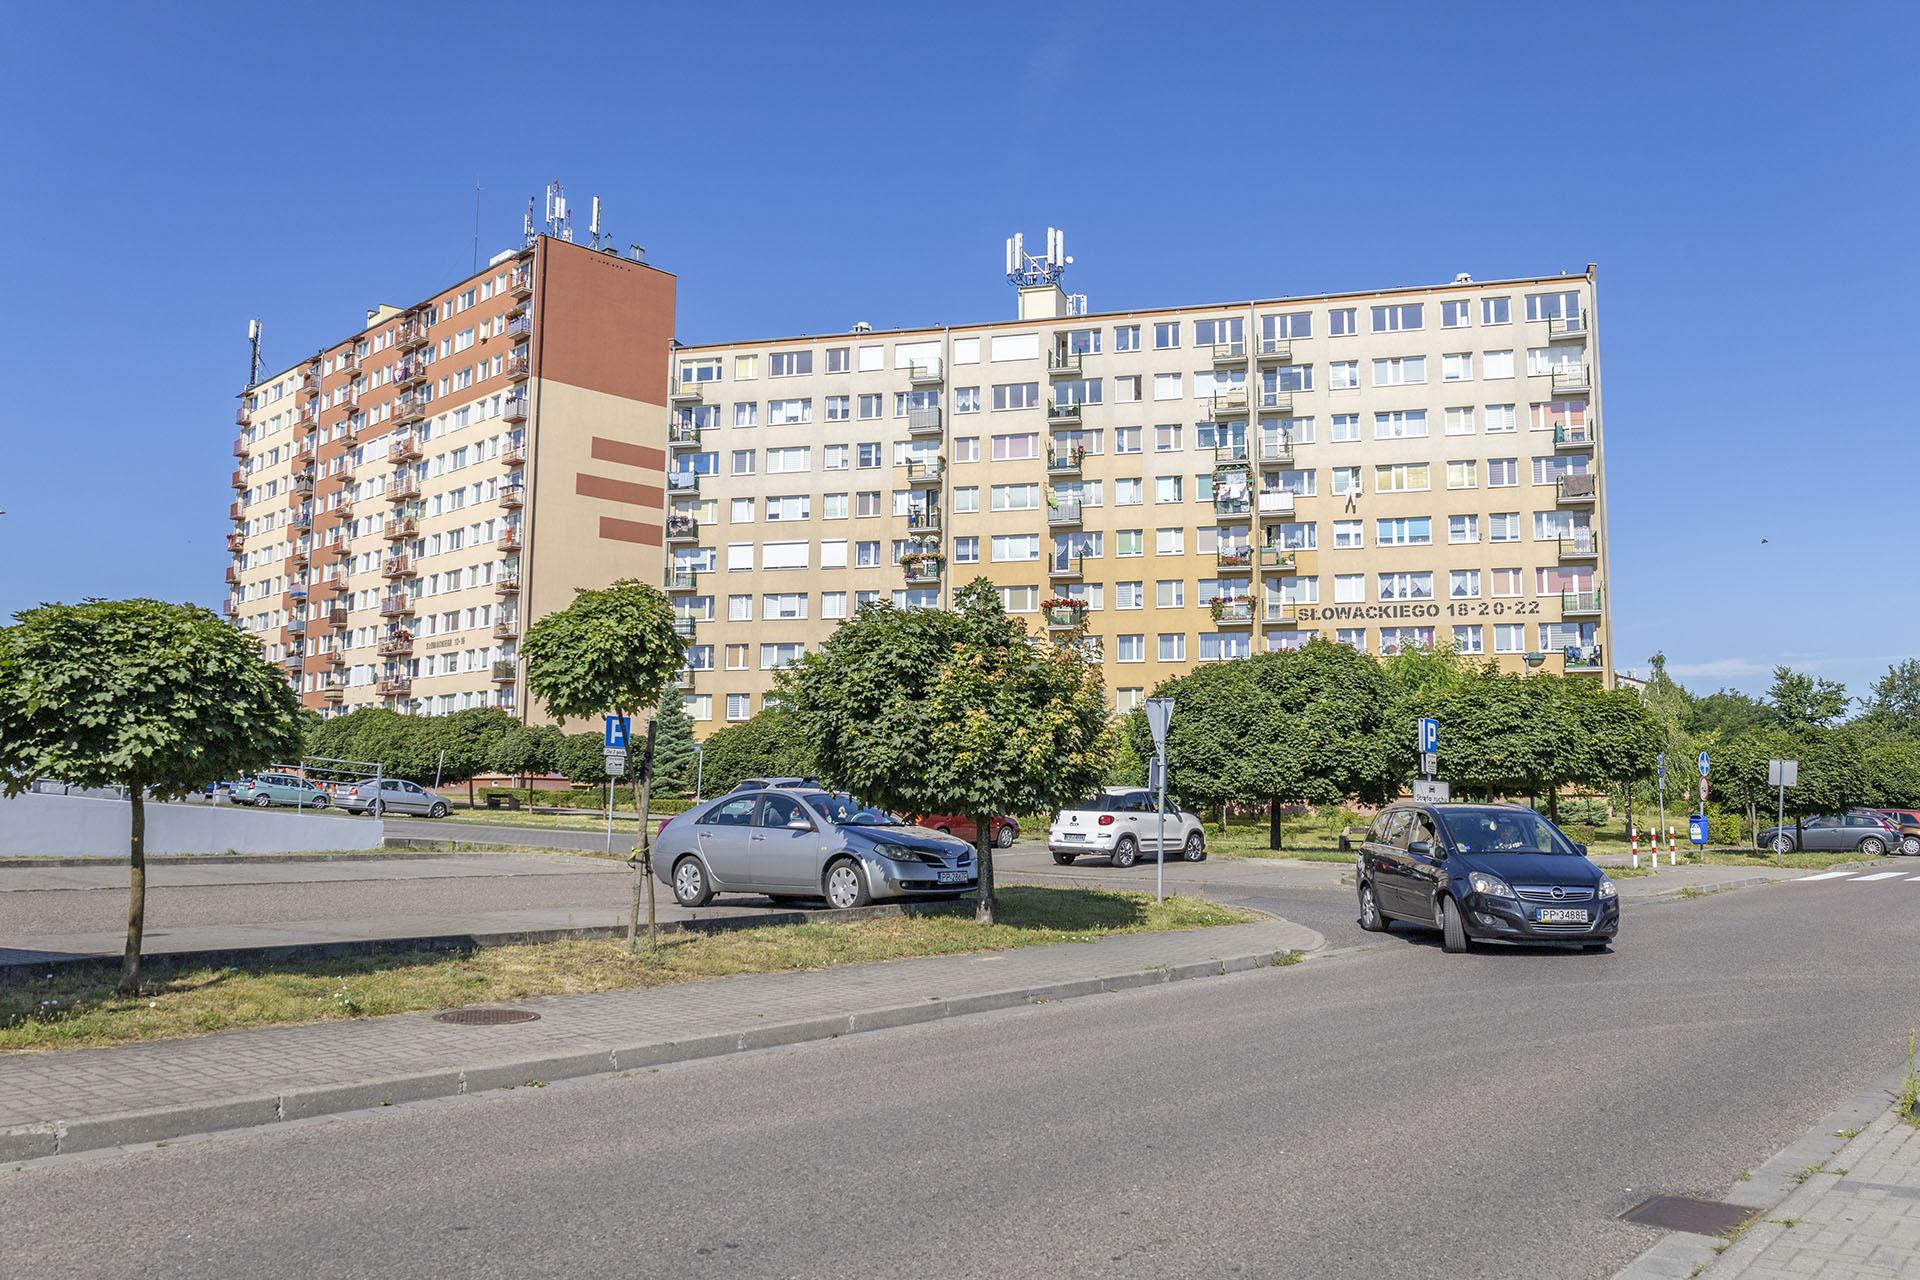 Wieżowce przy ulicy Słowackiego. Fot. Marcin Maziarz